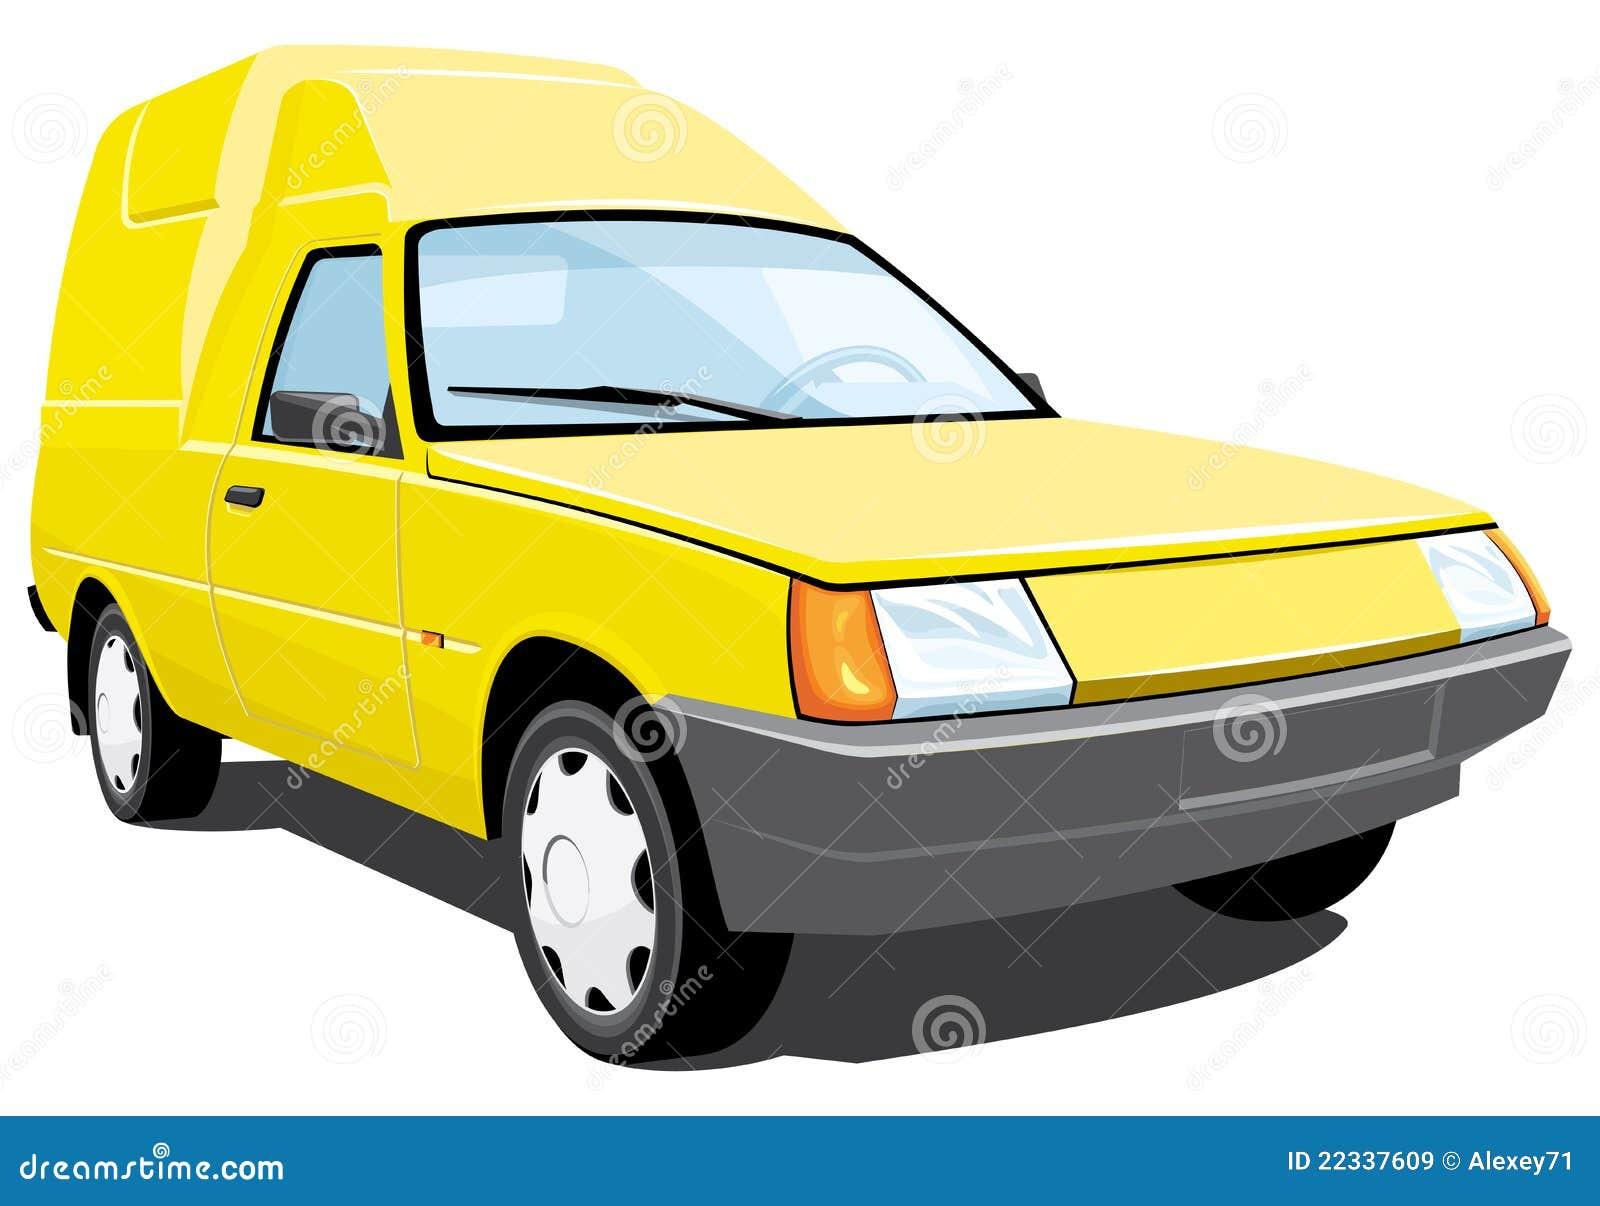 jaunissez la camionnette de livraison images libres de droits image 22337609. Black Bedroom Furniture Sets. Home Design Ideas